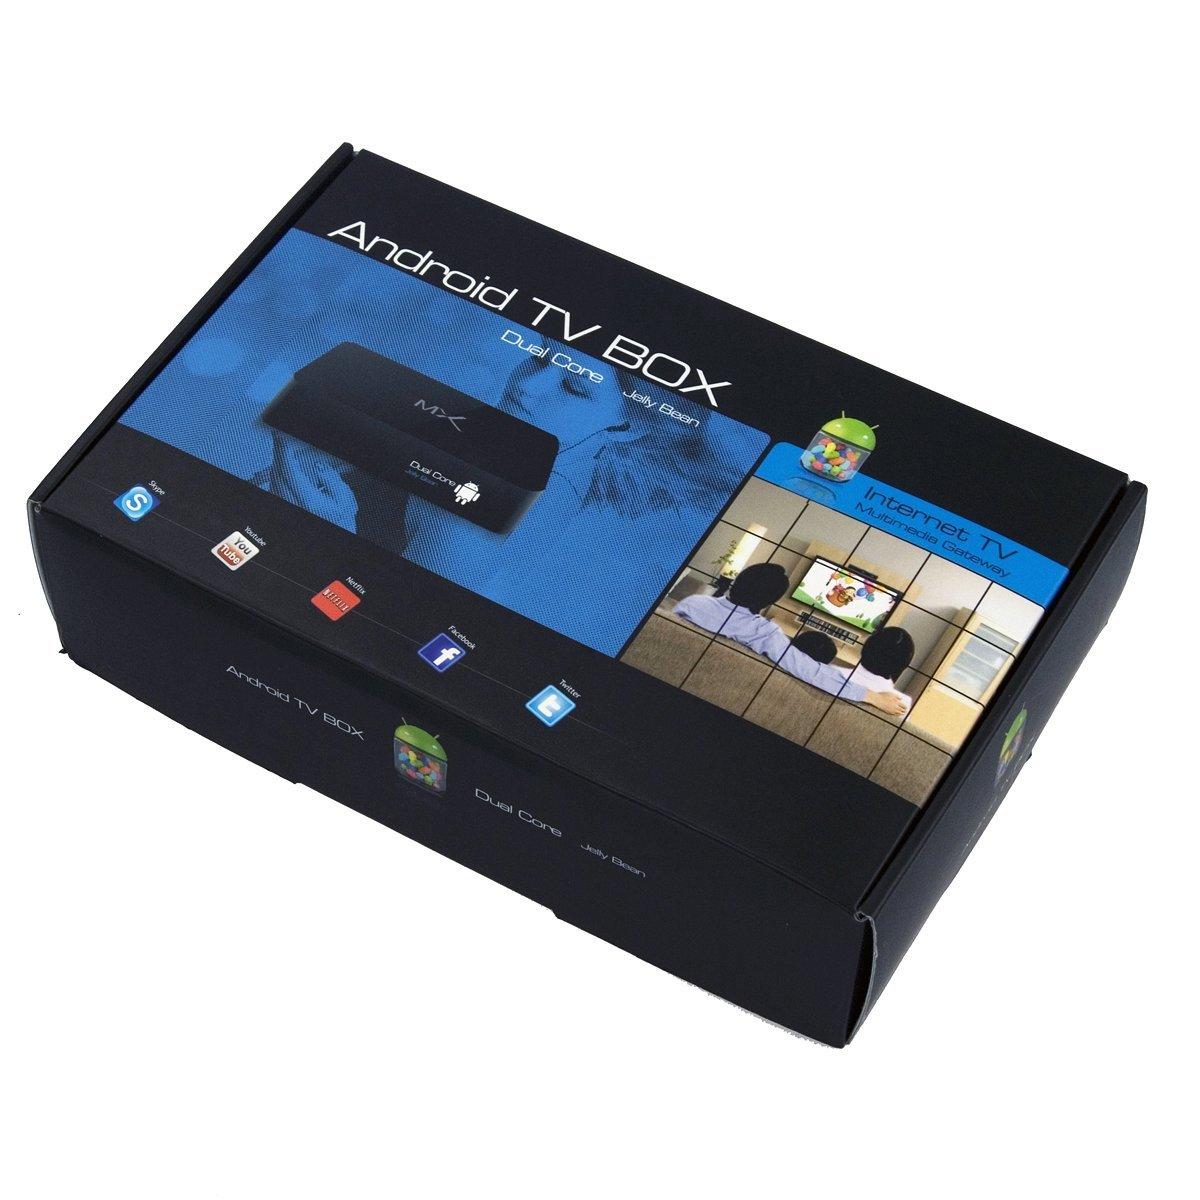 Caja MX Android 4.2 AML8726-MX